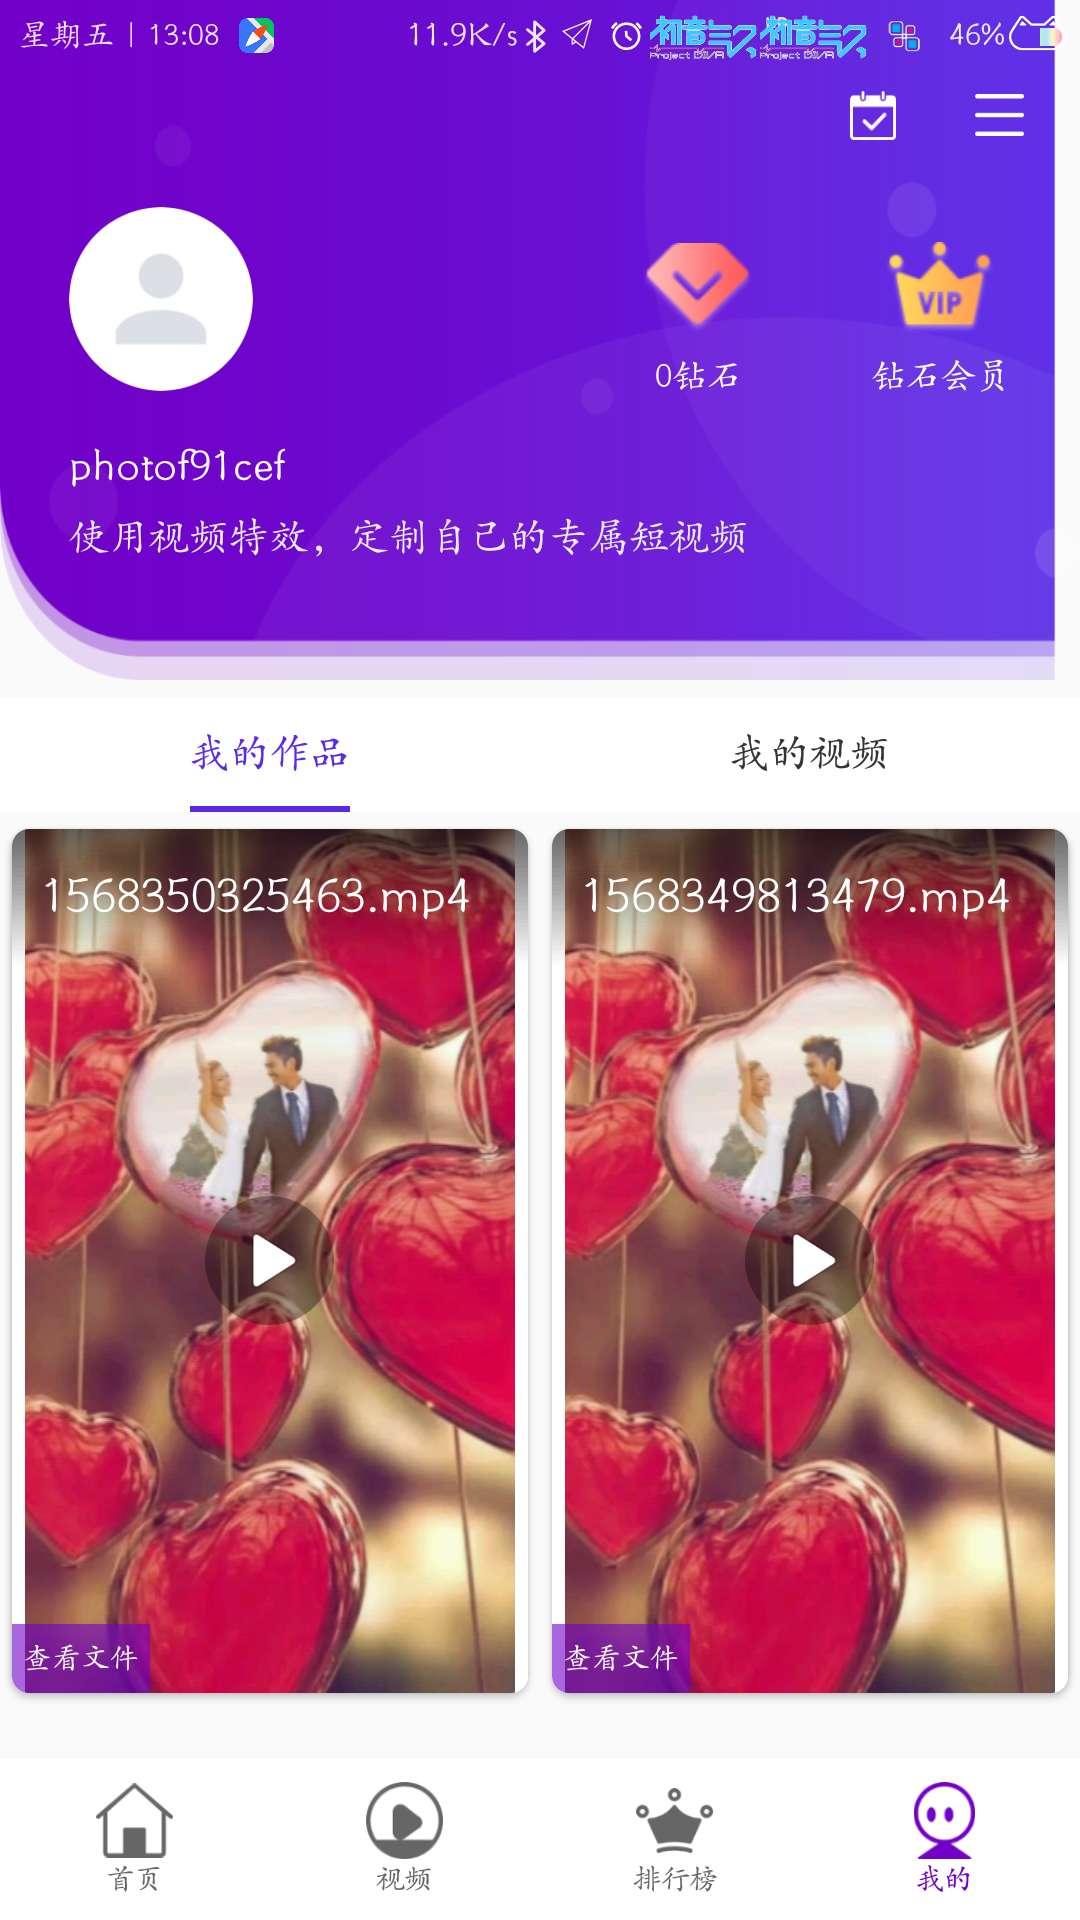 【原创】视频特效1.2.3-www.im86.com